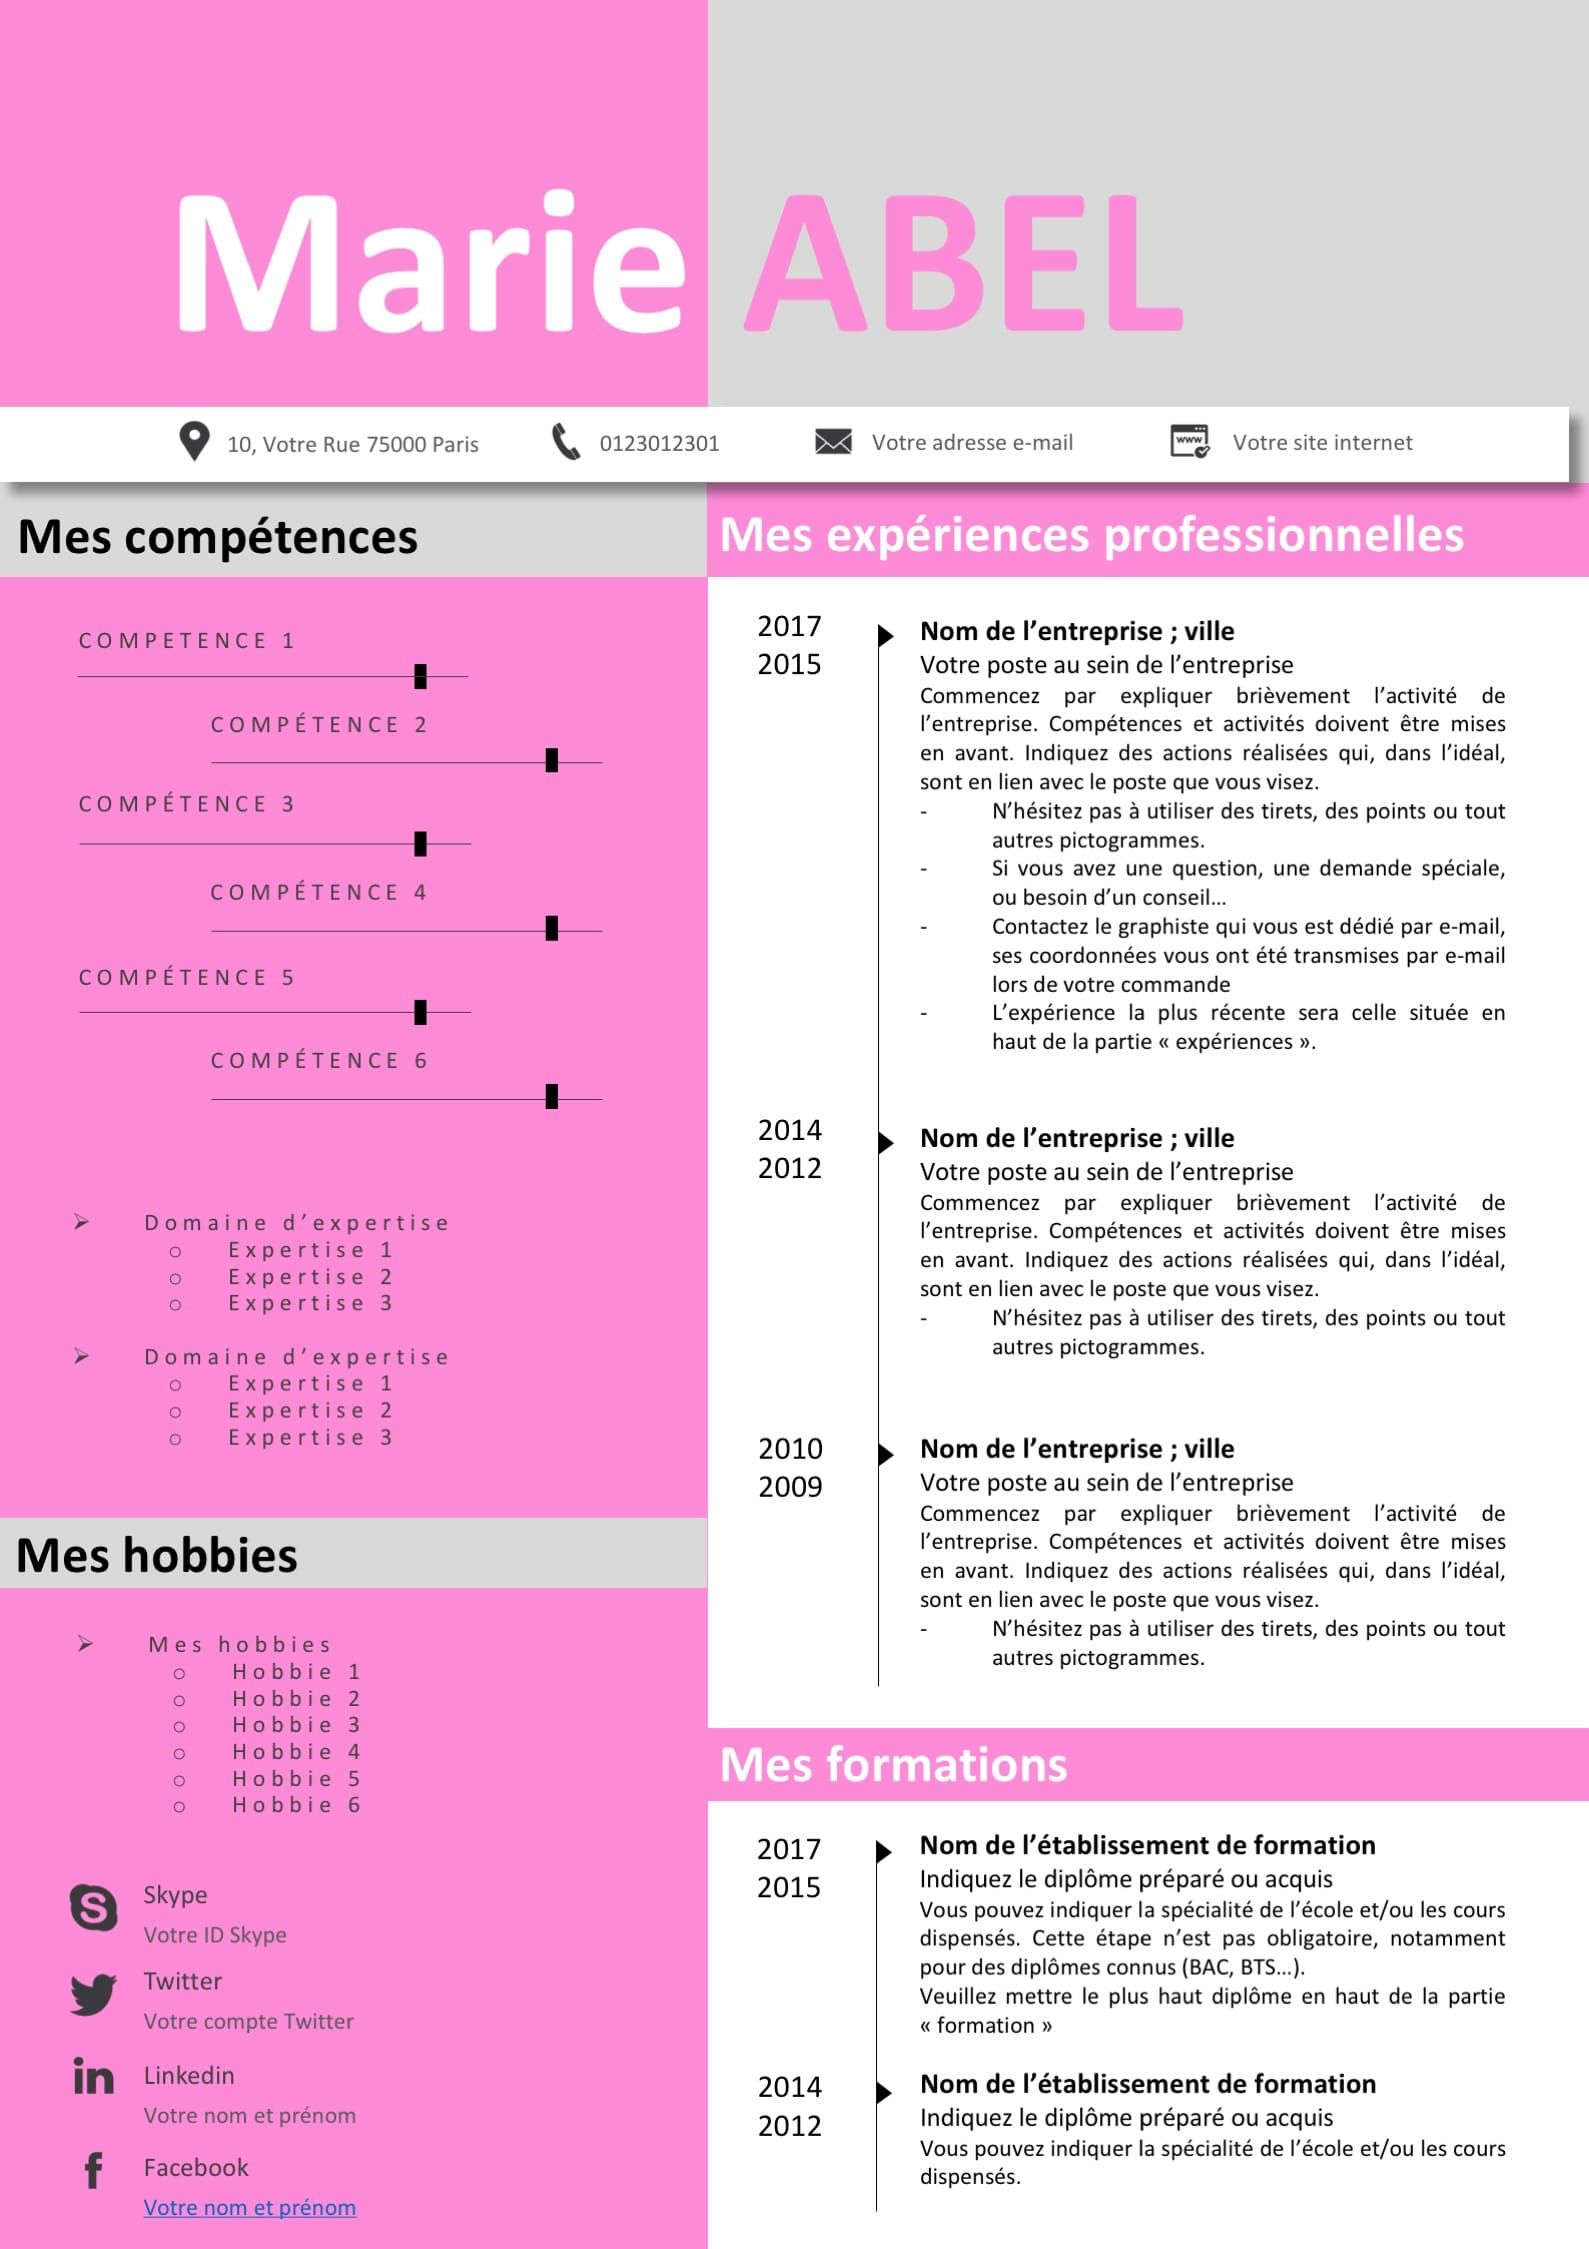 cv rose  cv pictogramme  cv chronologie  cv original  beau cv  cv design  cv graphiste  cv